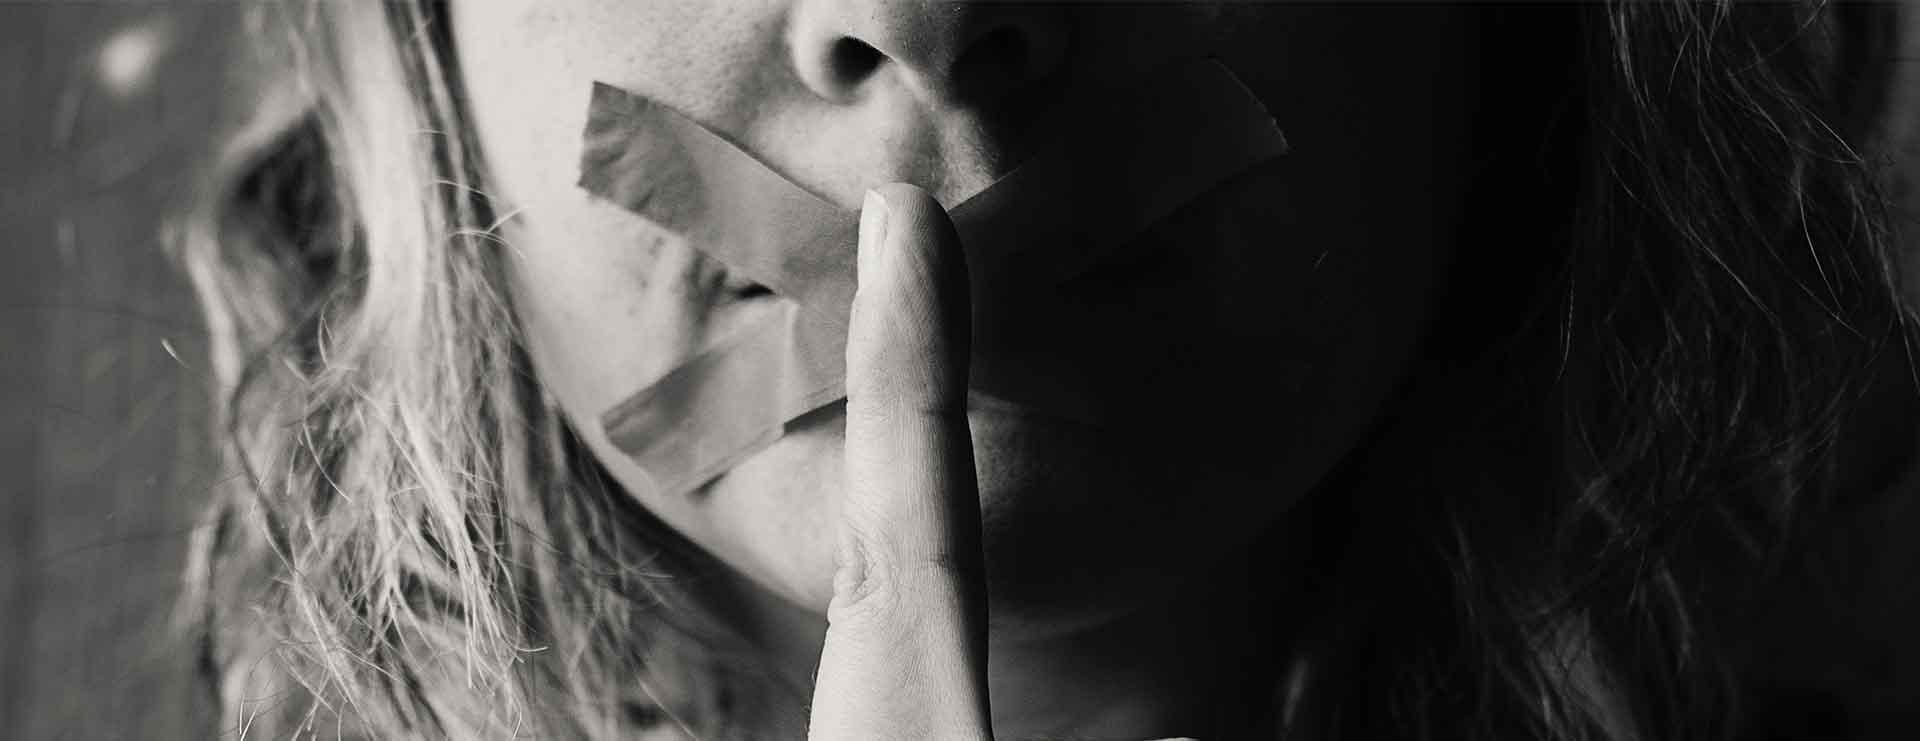 Silence silence  Home New silence